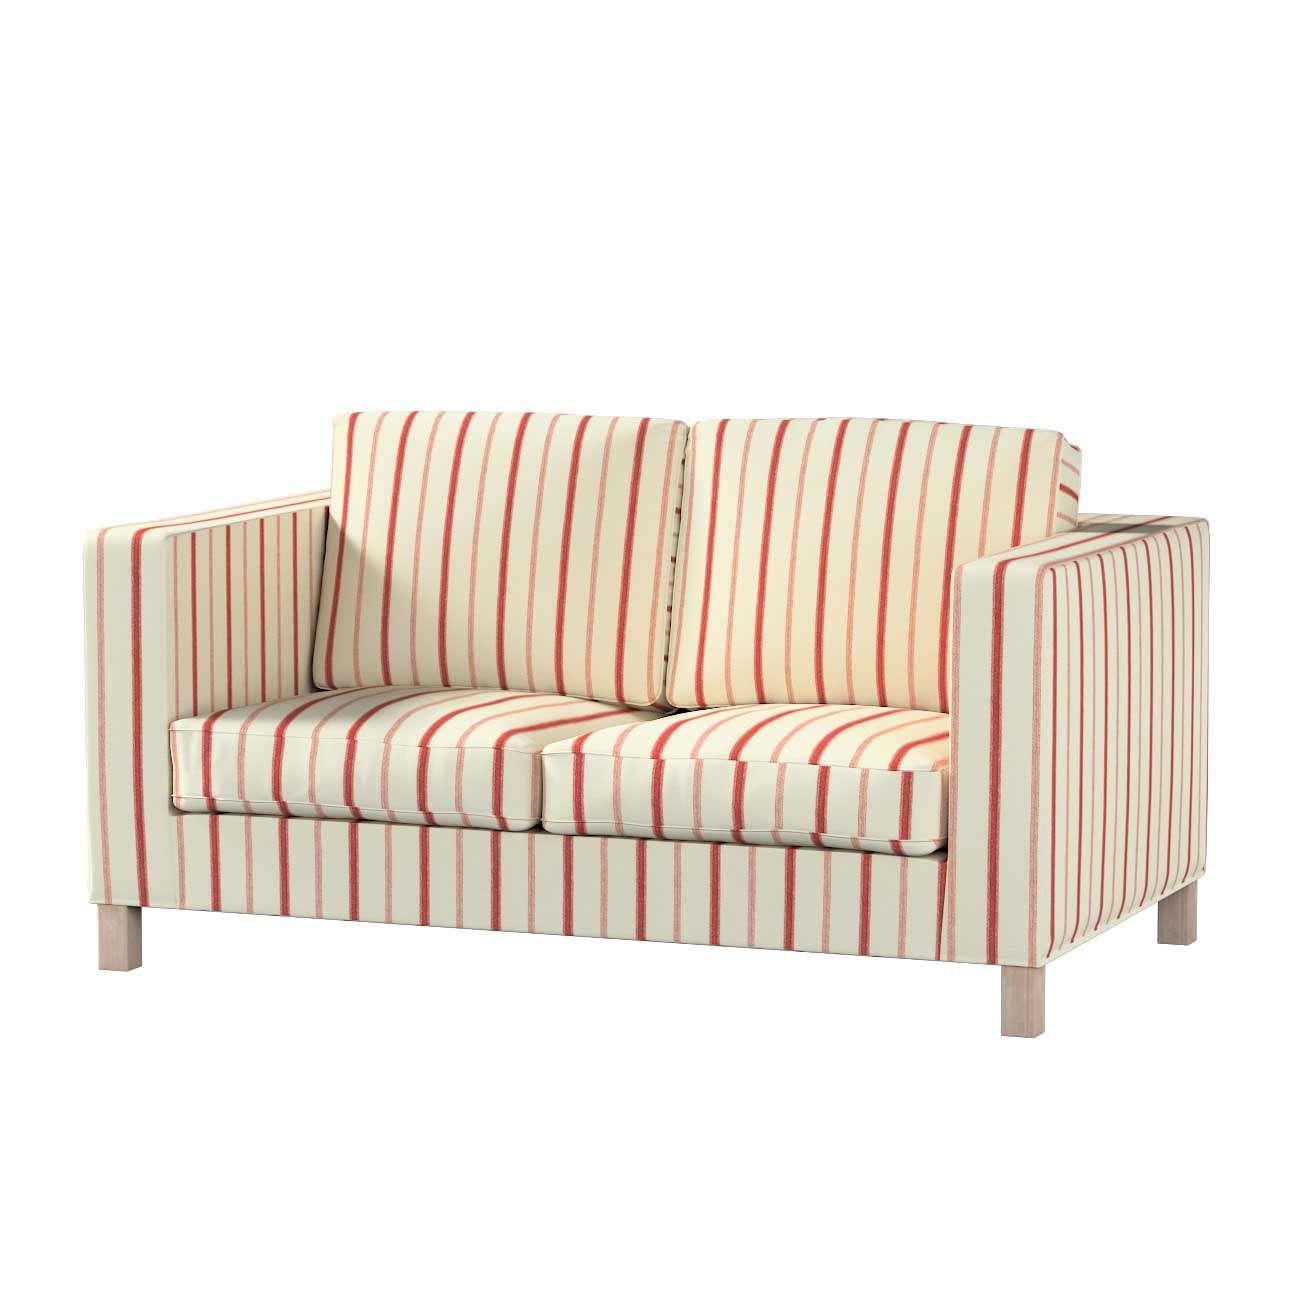 KARLANDA dvivietės sofos užvalkalas KARLANDA dvivietės sofos užvalkalas kolekcijoje Avinon, audinys: 129-15